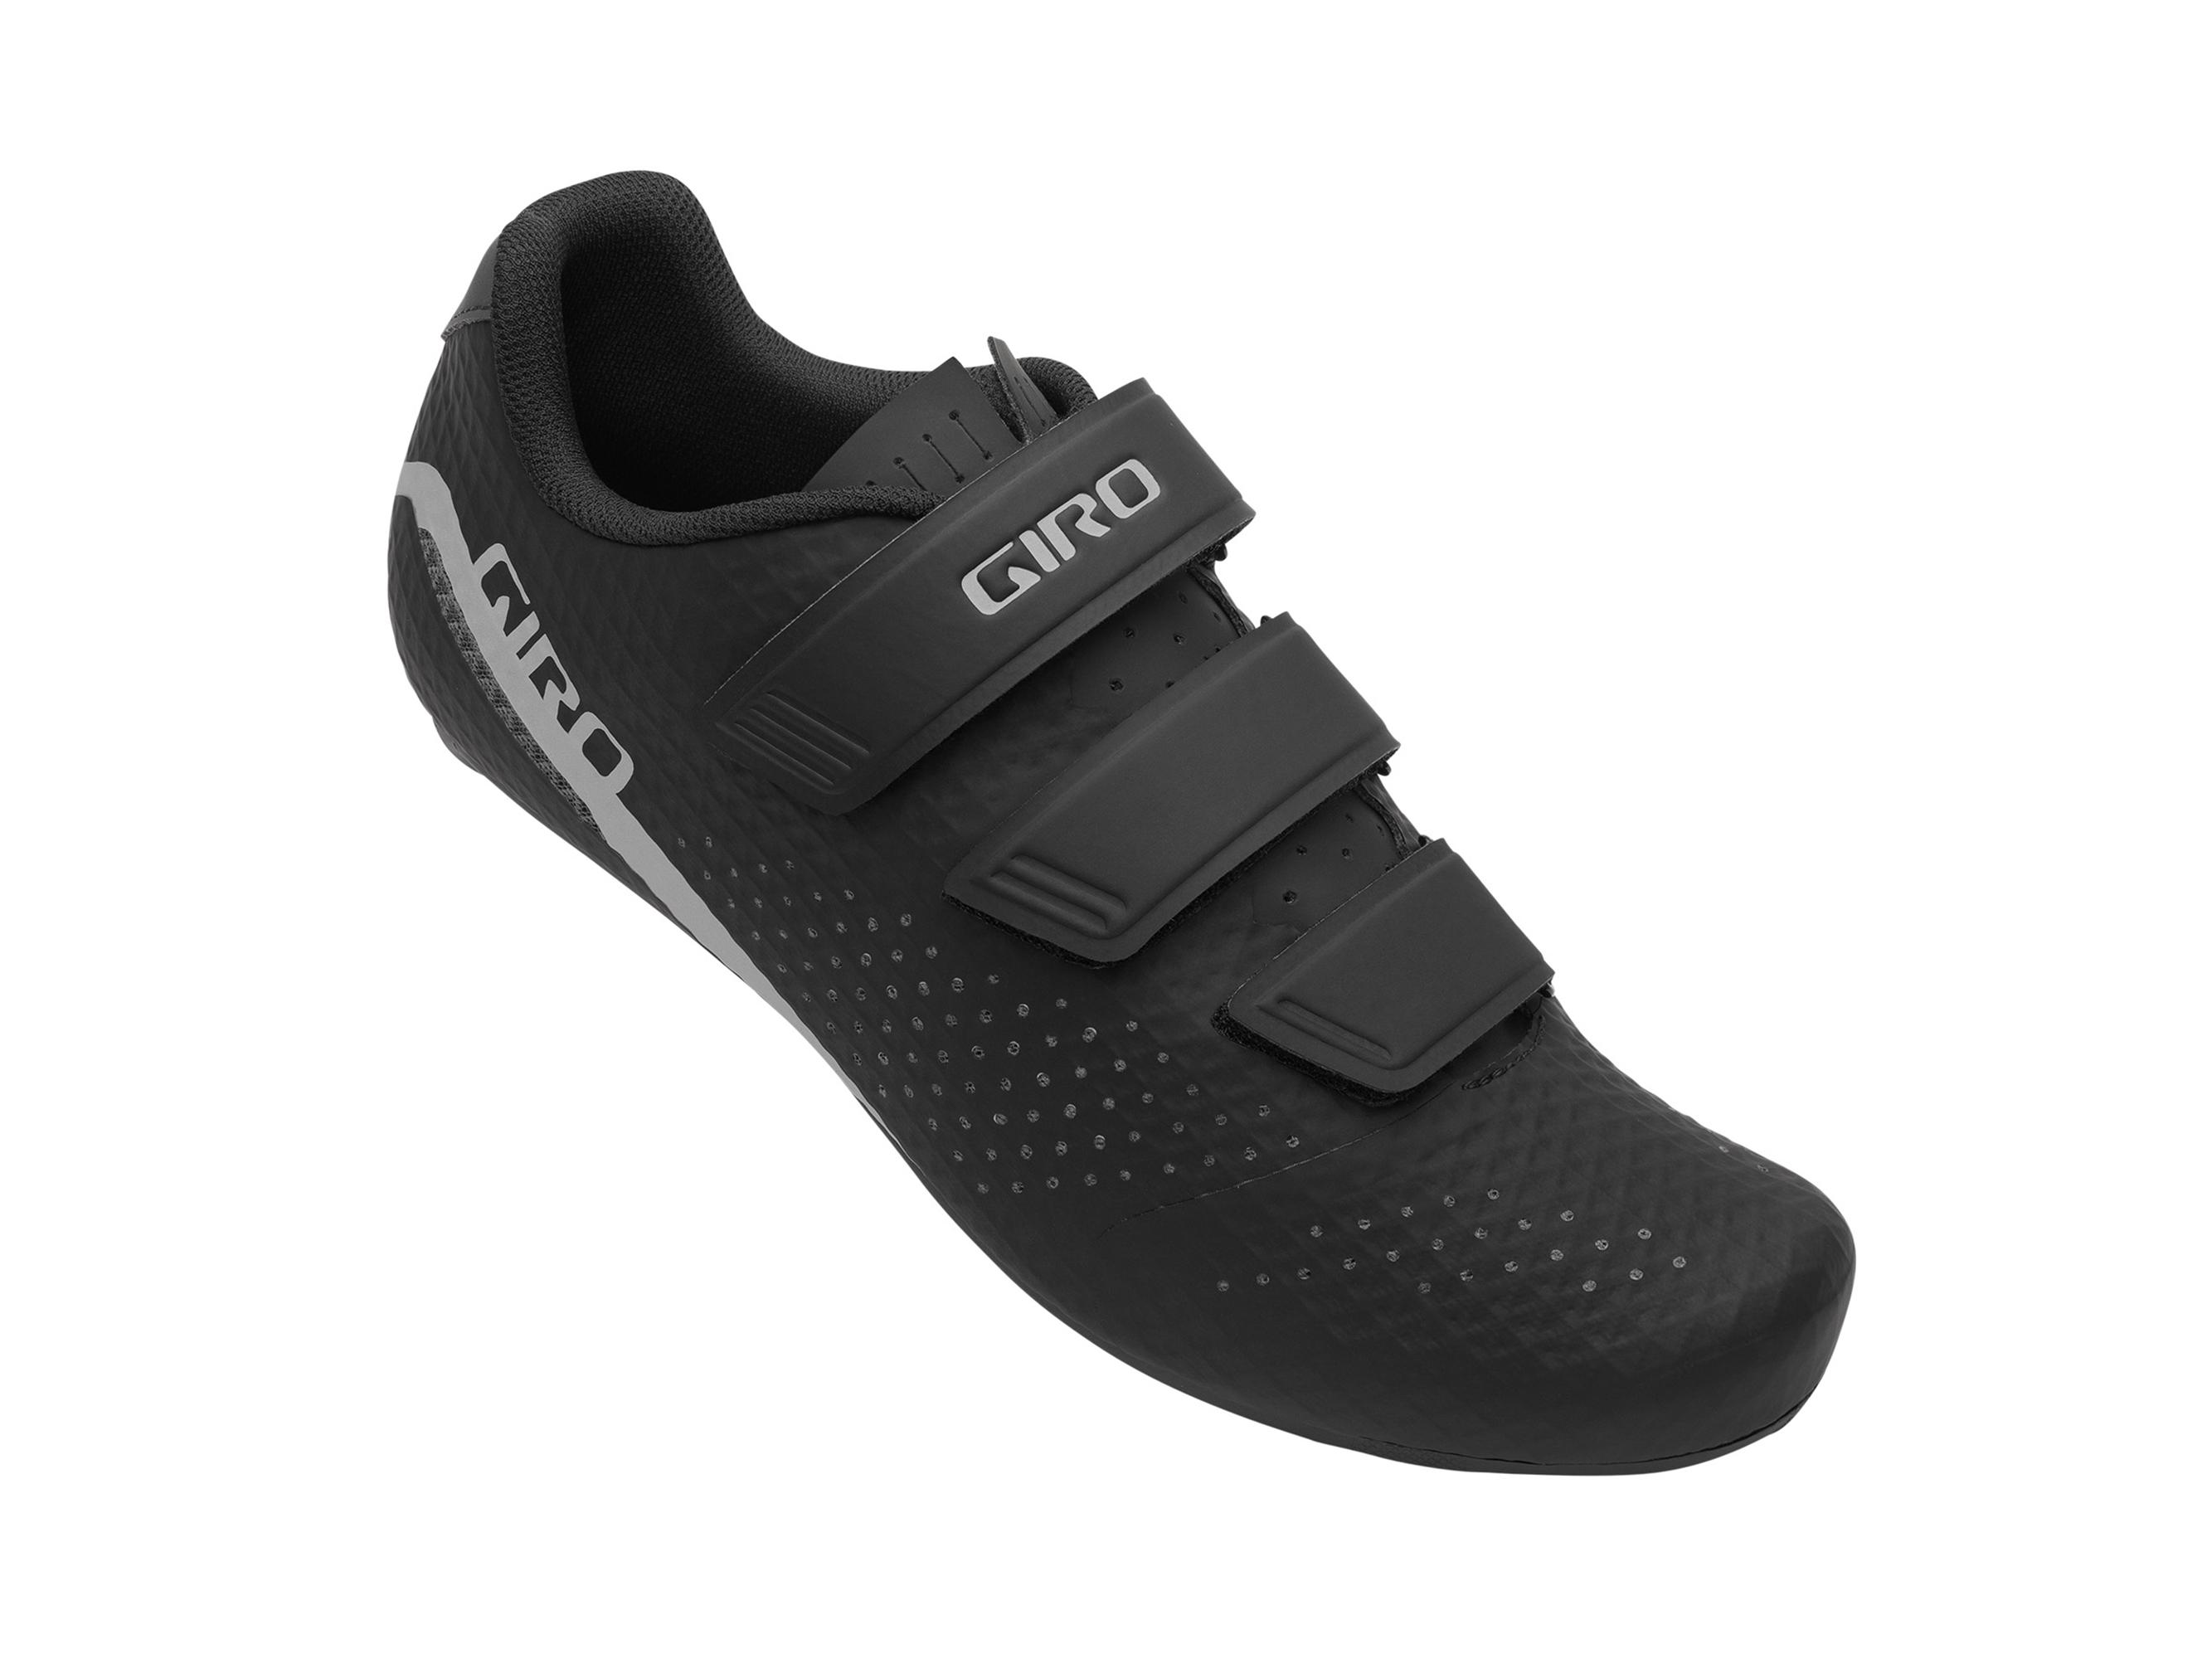 Giro Stylus Svart 46